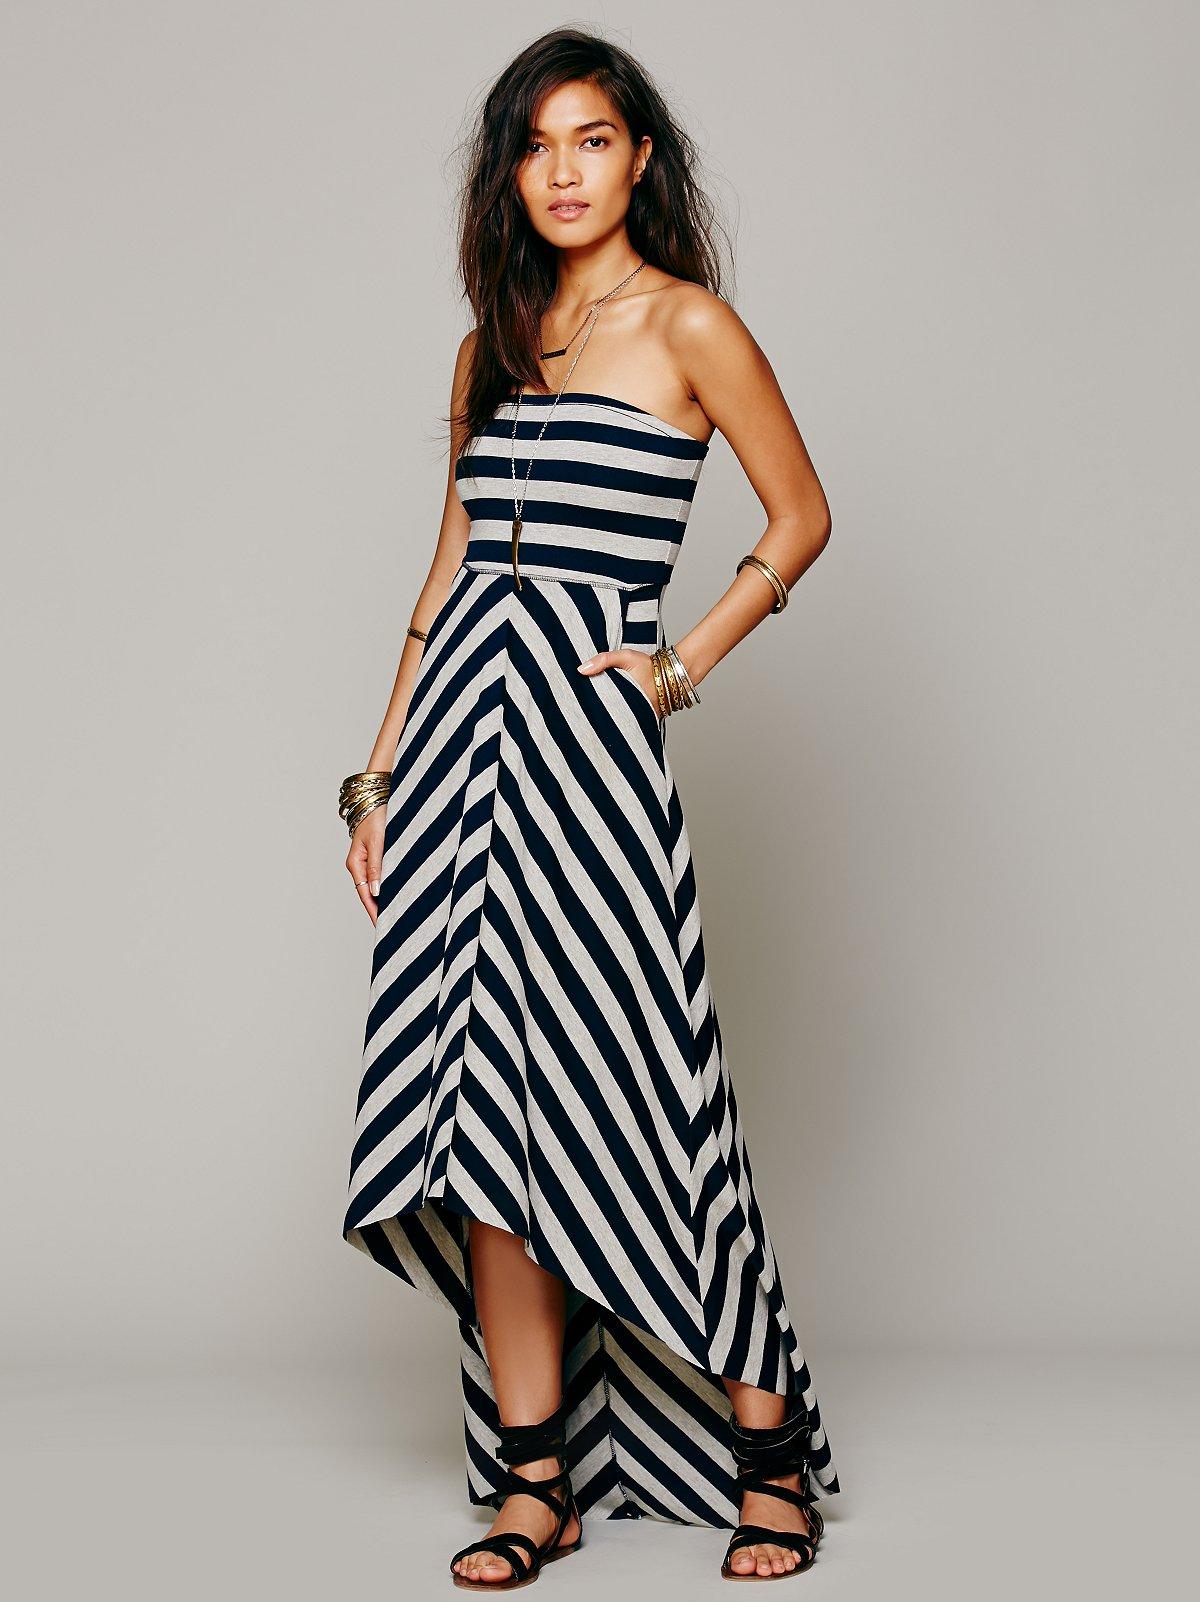 Kristal's Striped Maxi